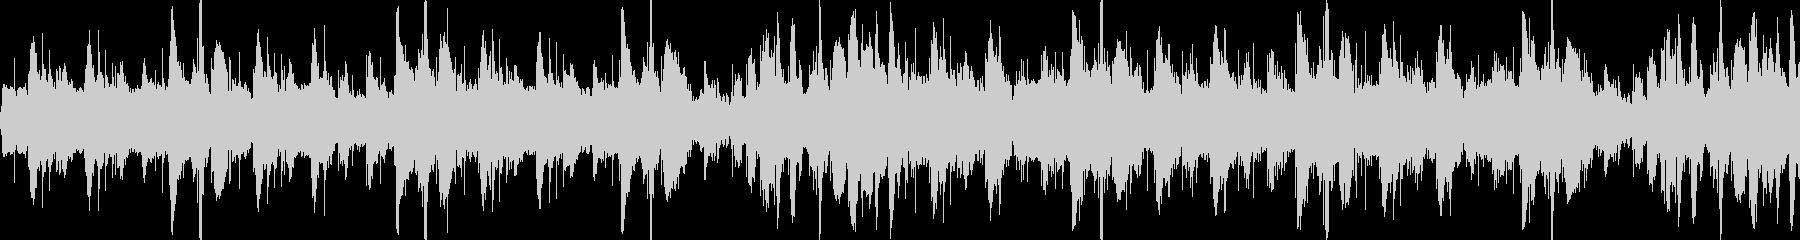 コミカルでアップテンポのBGM-ループ1の未再生の波形